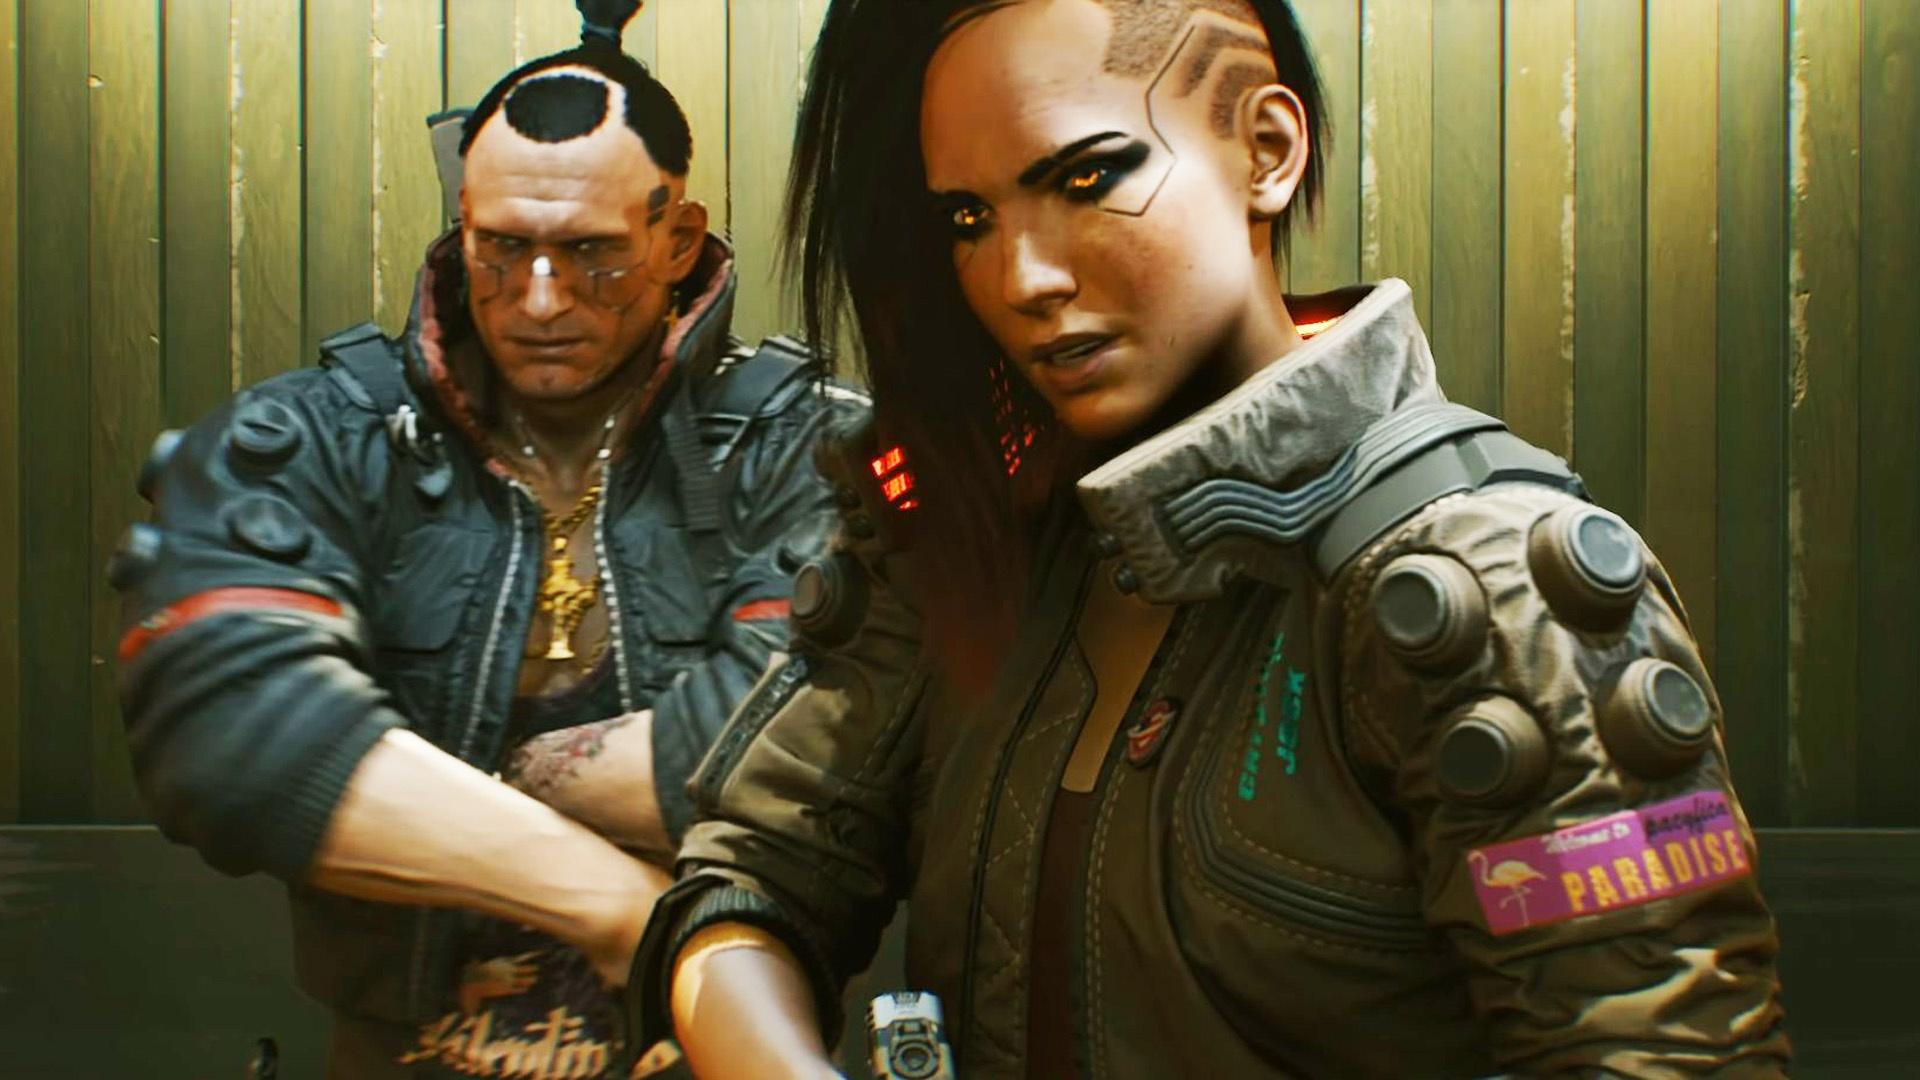 Cyberpunk 2077 - Richtige Entwicklung startete erst 2015, obwohl es bereits 2012 erste Teaser gab